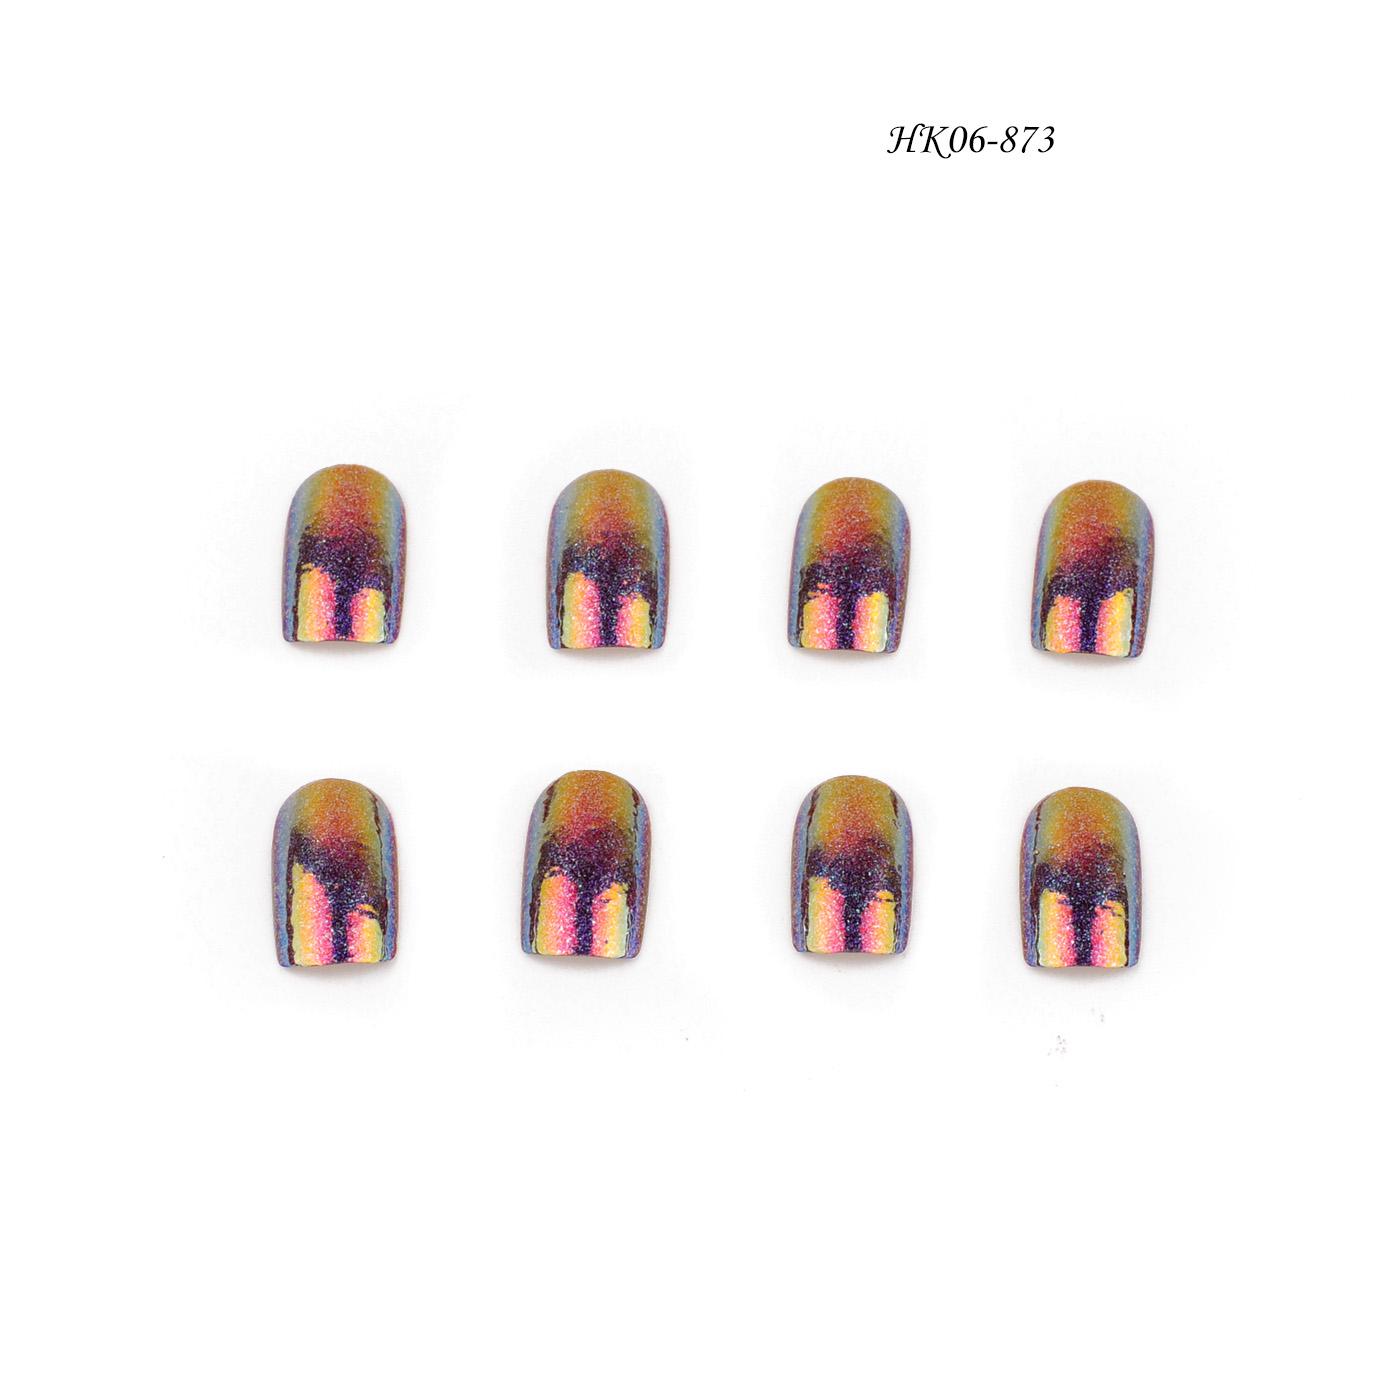 Nail art HK06-873